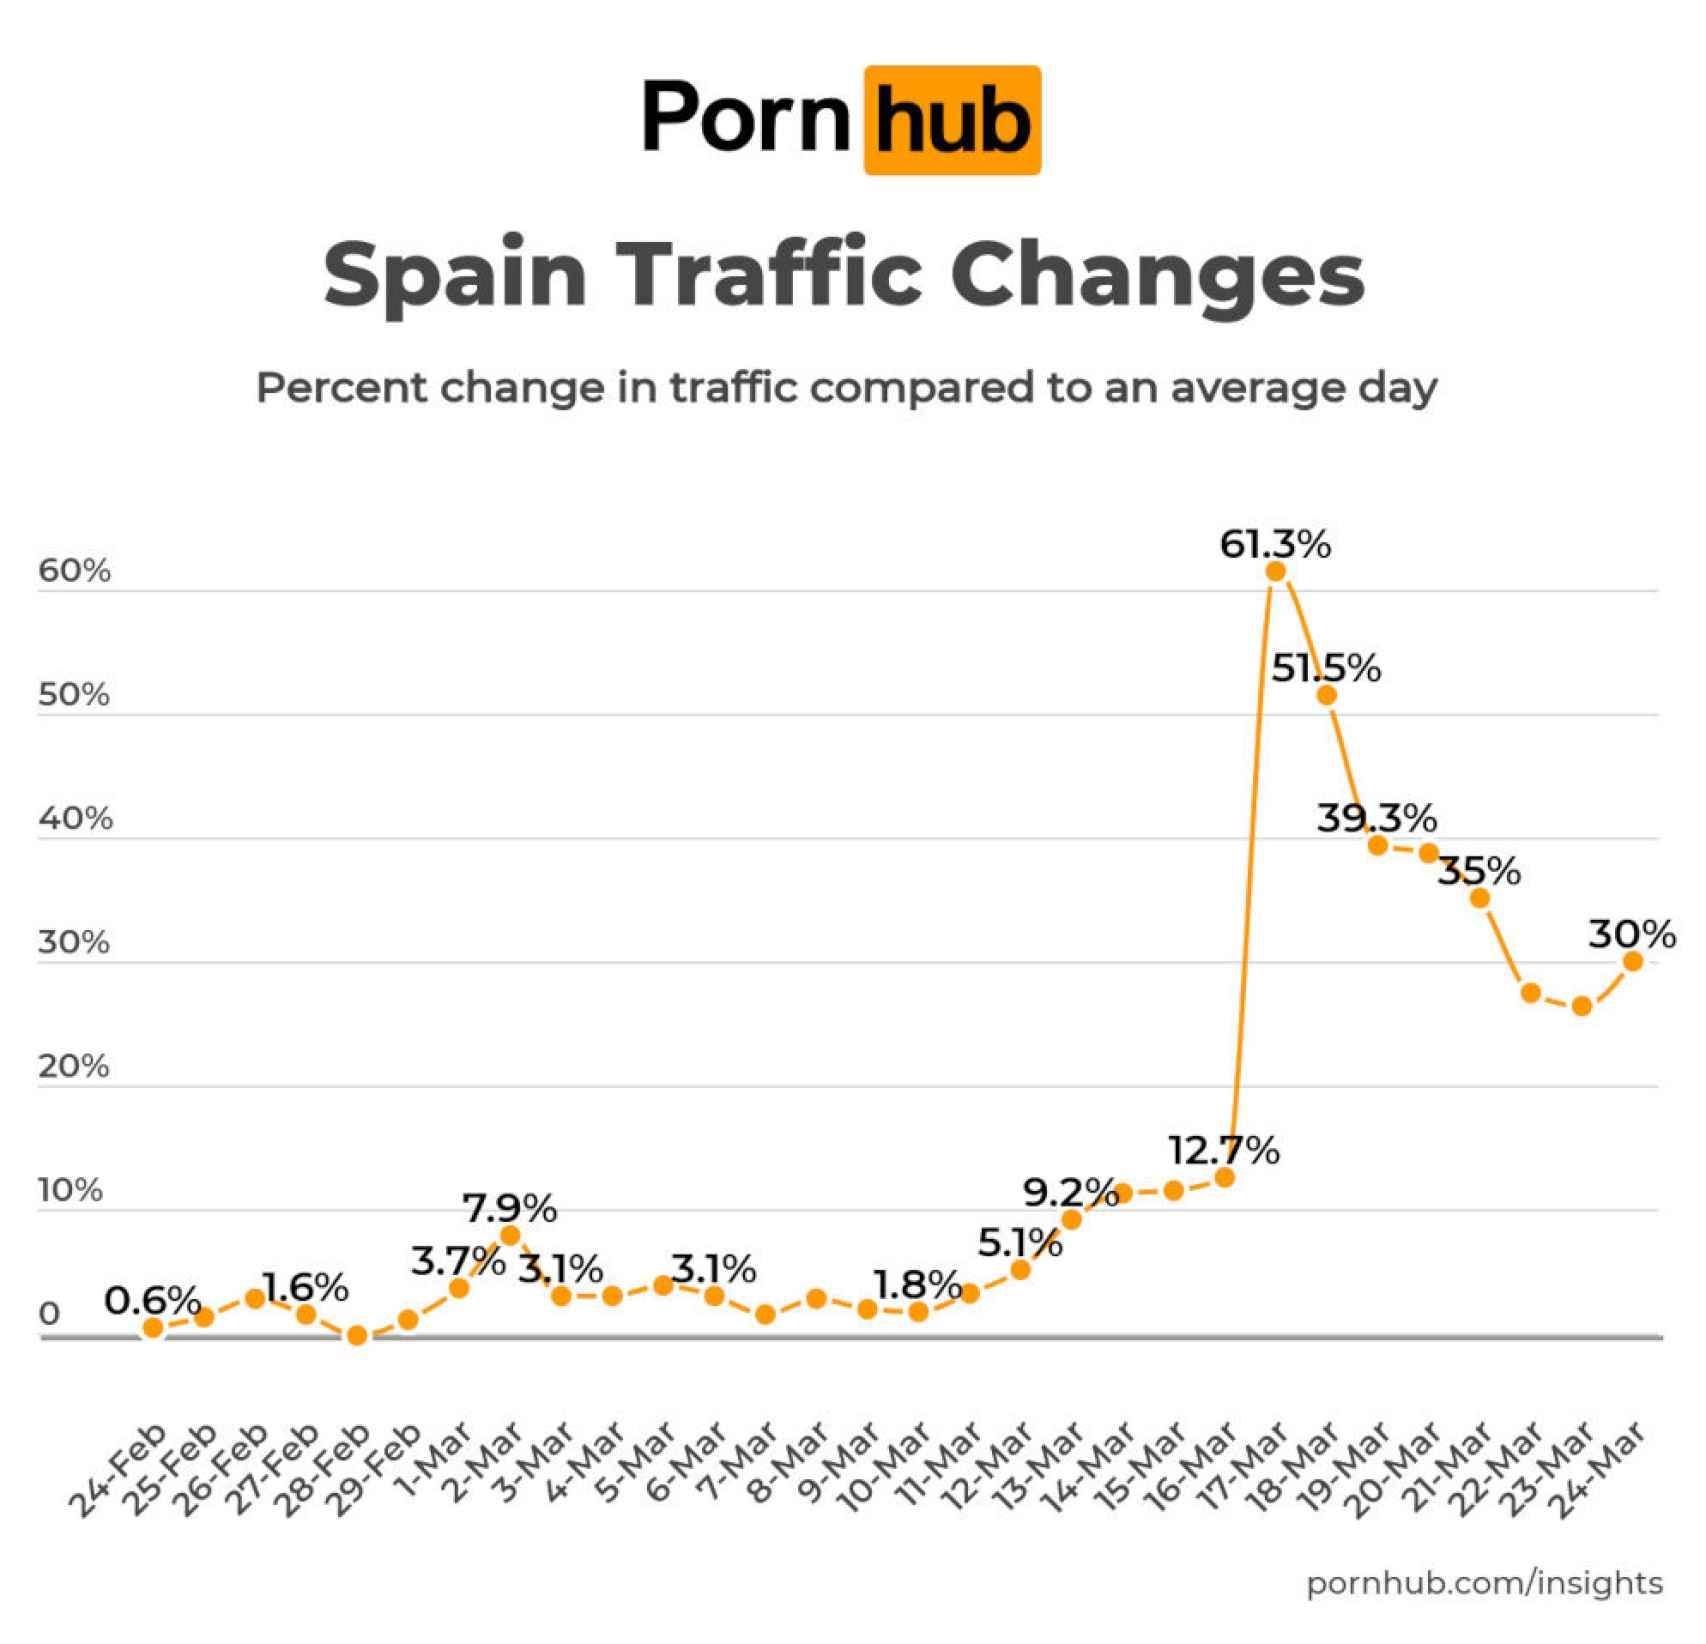 Mejires paginas porno gratis de españa El Porno Gratis Funciona Espana Lider En Crecimiento De Trafico En Pornhub